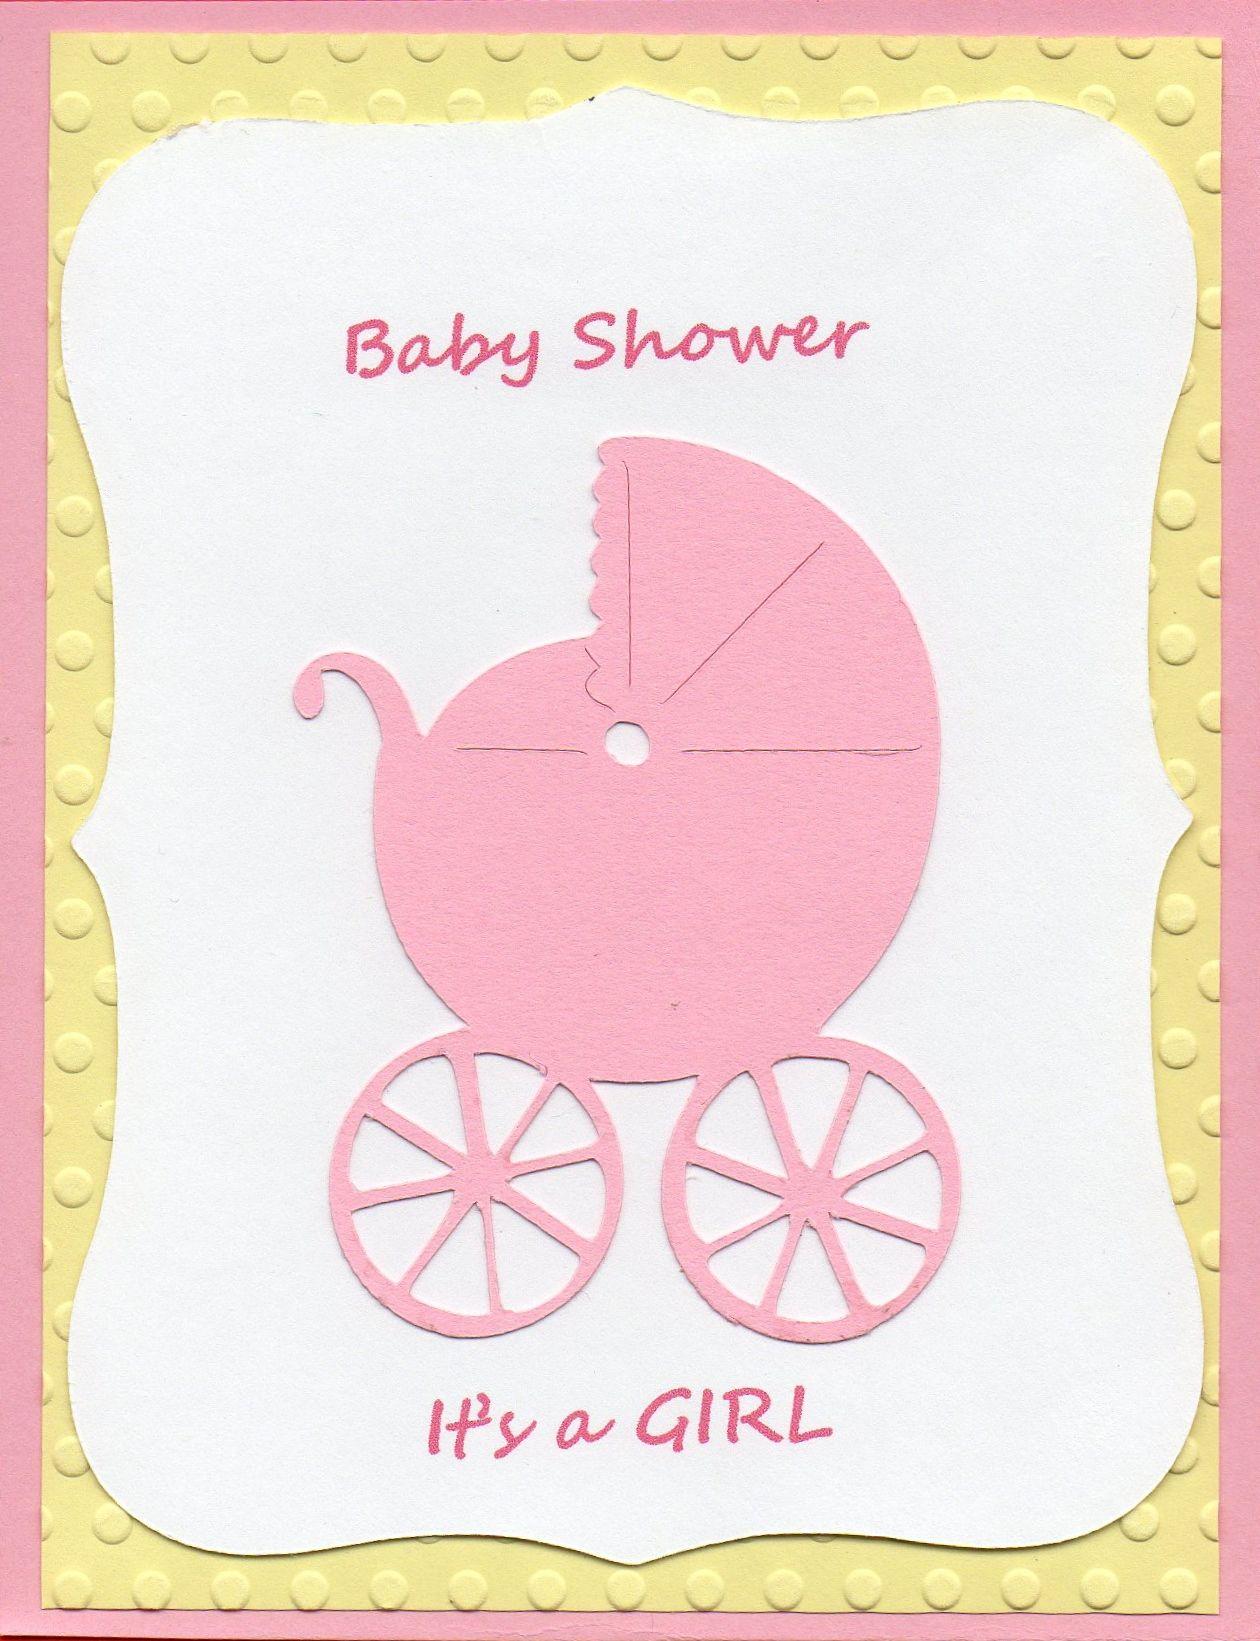 Baby Shower Invite For A Little Girl